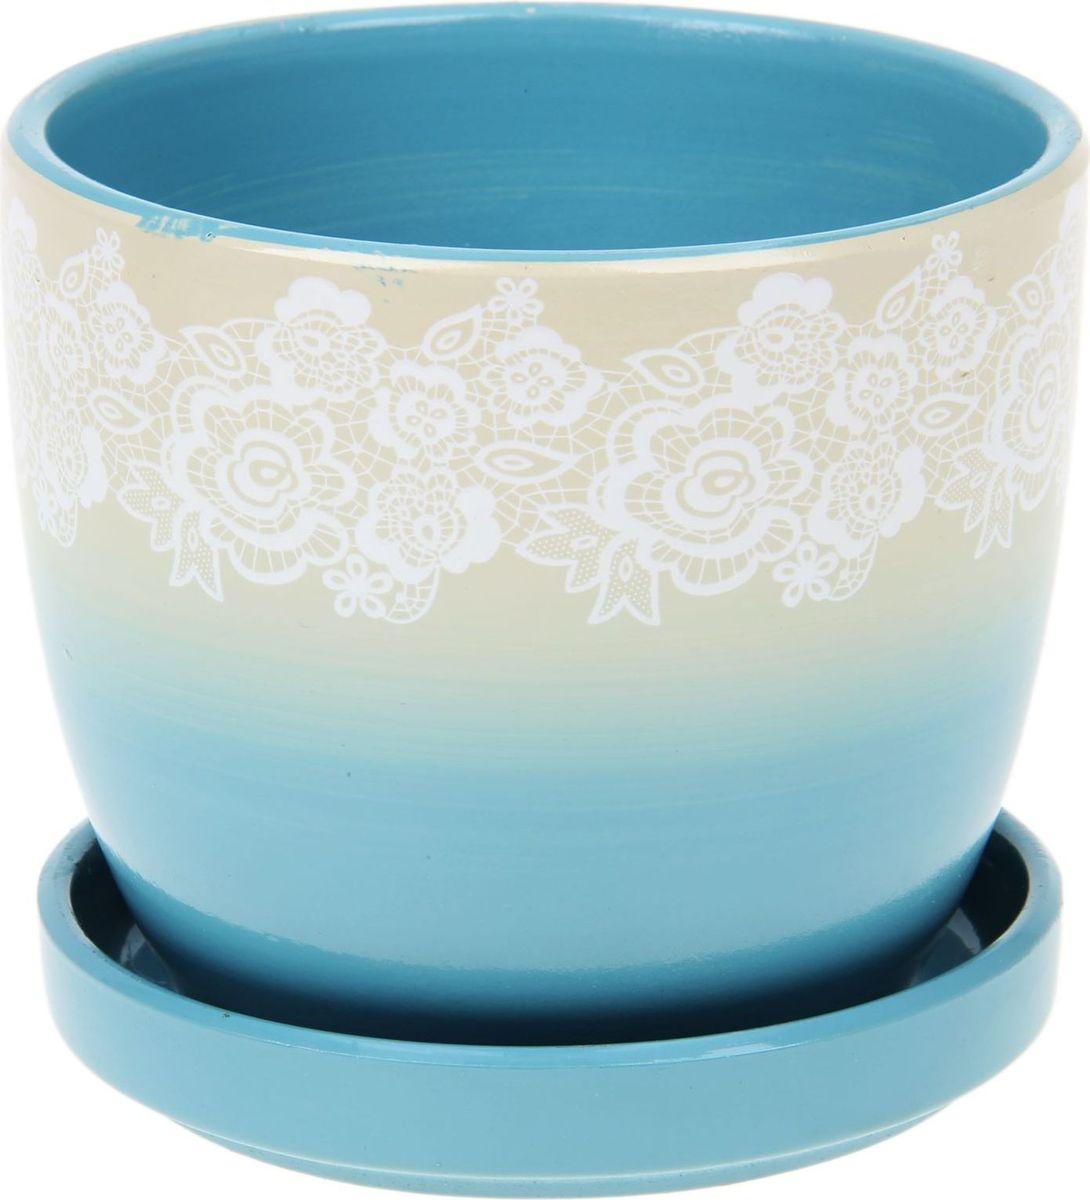 Кашпо Кружева, цвет: голубой, 1,24 л1056010Комнатные растения — всеобщие любимцы. Они радуют глаз, насыщают помещение кислородом и украшают пространство. Каждому из них необходим свой удобный и красивый дом. Кашпо из керамики прекрасно подходят для высадки растений: за счёт пластичности глины и разных способов обработки существует великое множество форм и дизайновпористый материал позволяет испаряться лишней влагевоздух, необходимый для дыхания корней, проникает сквозь керамические стенки! #name# позаботится о зелёном питомце, освежит интерьер и подчеркнёт его стиль.